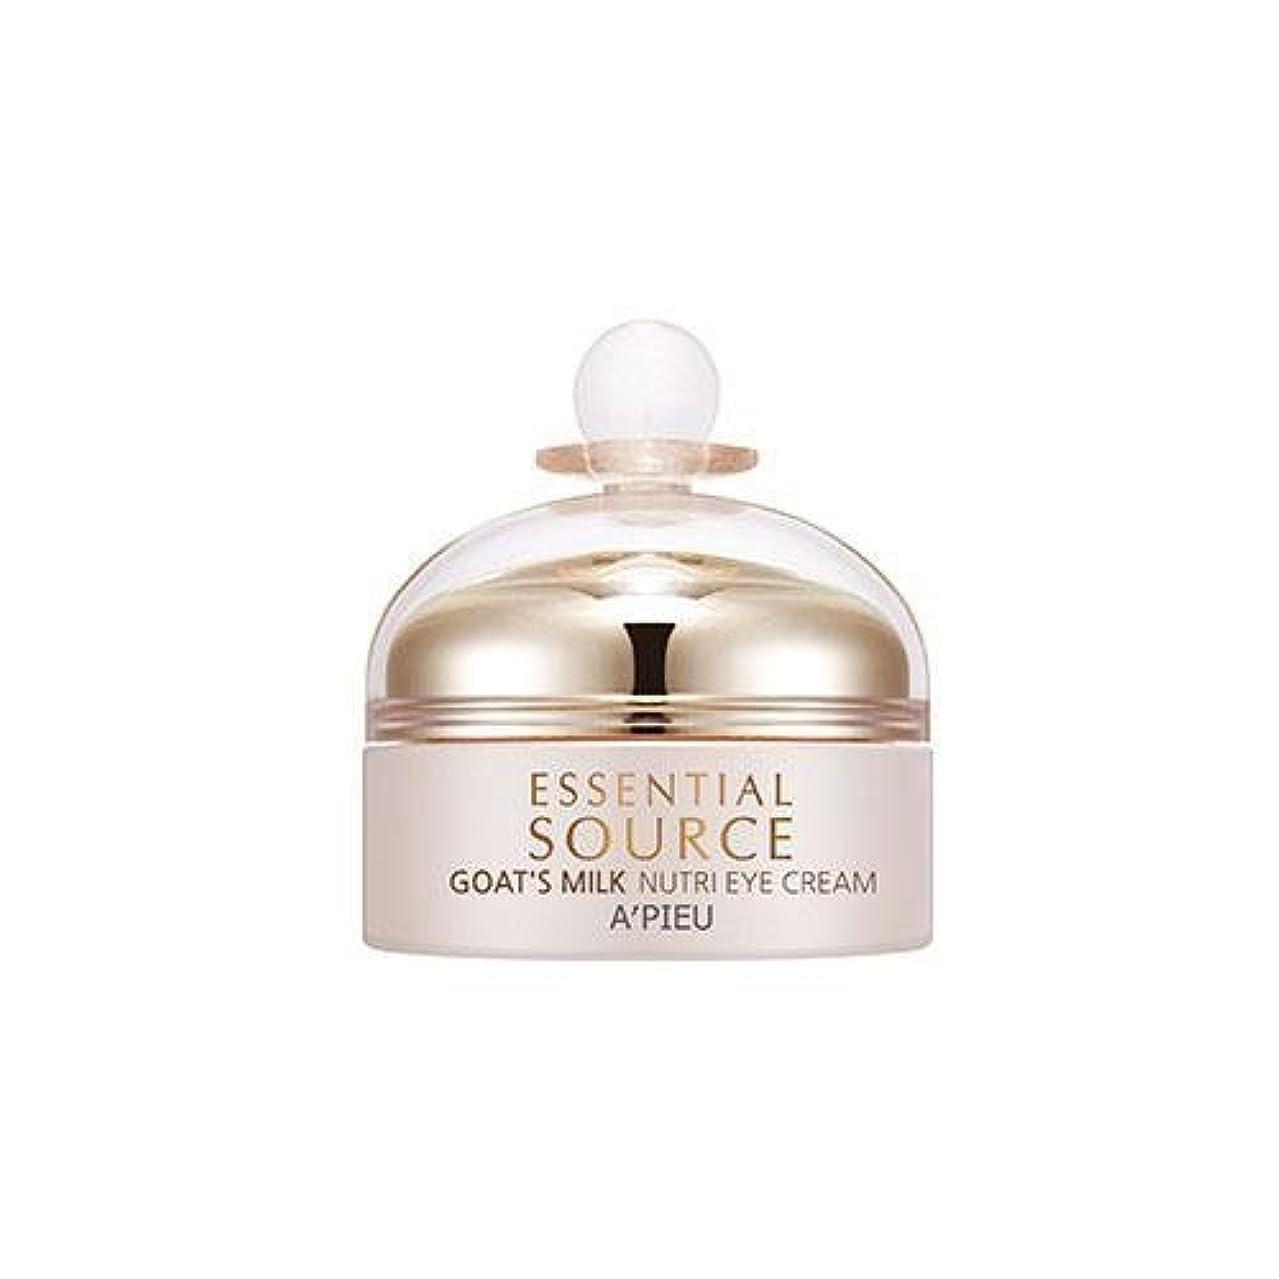 マークダウン眠り後退するAPIEU Essential Source Goat's Milk Nutri Eye Cream [Korean Import]